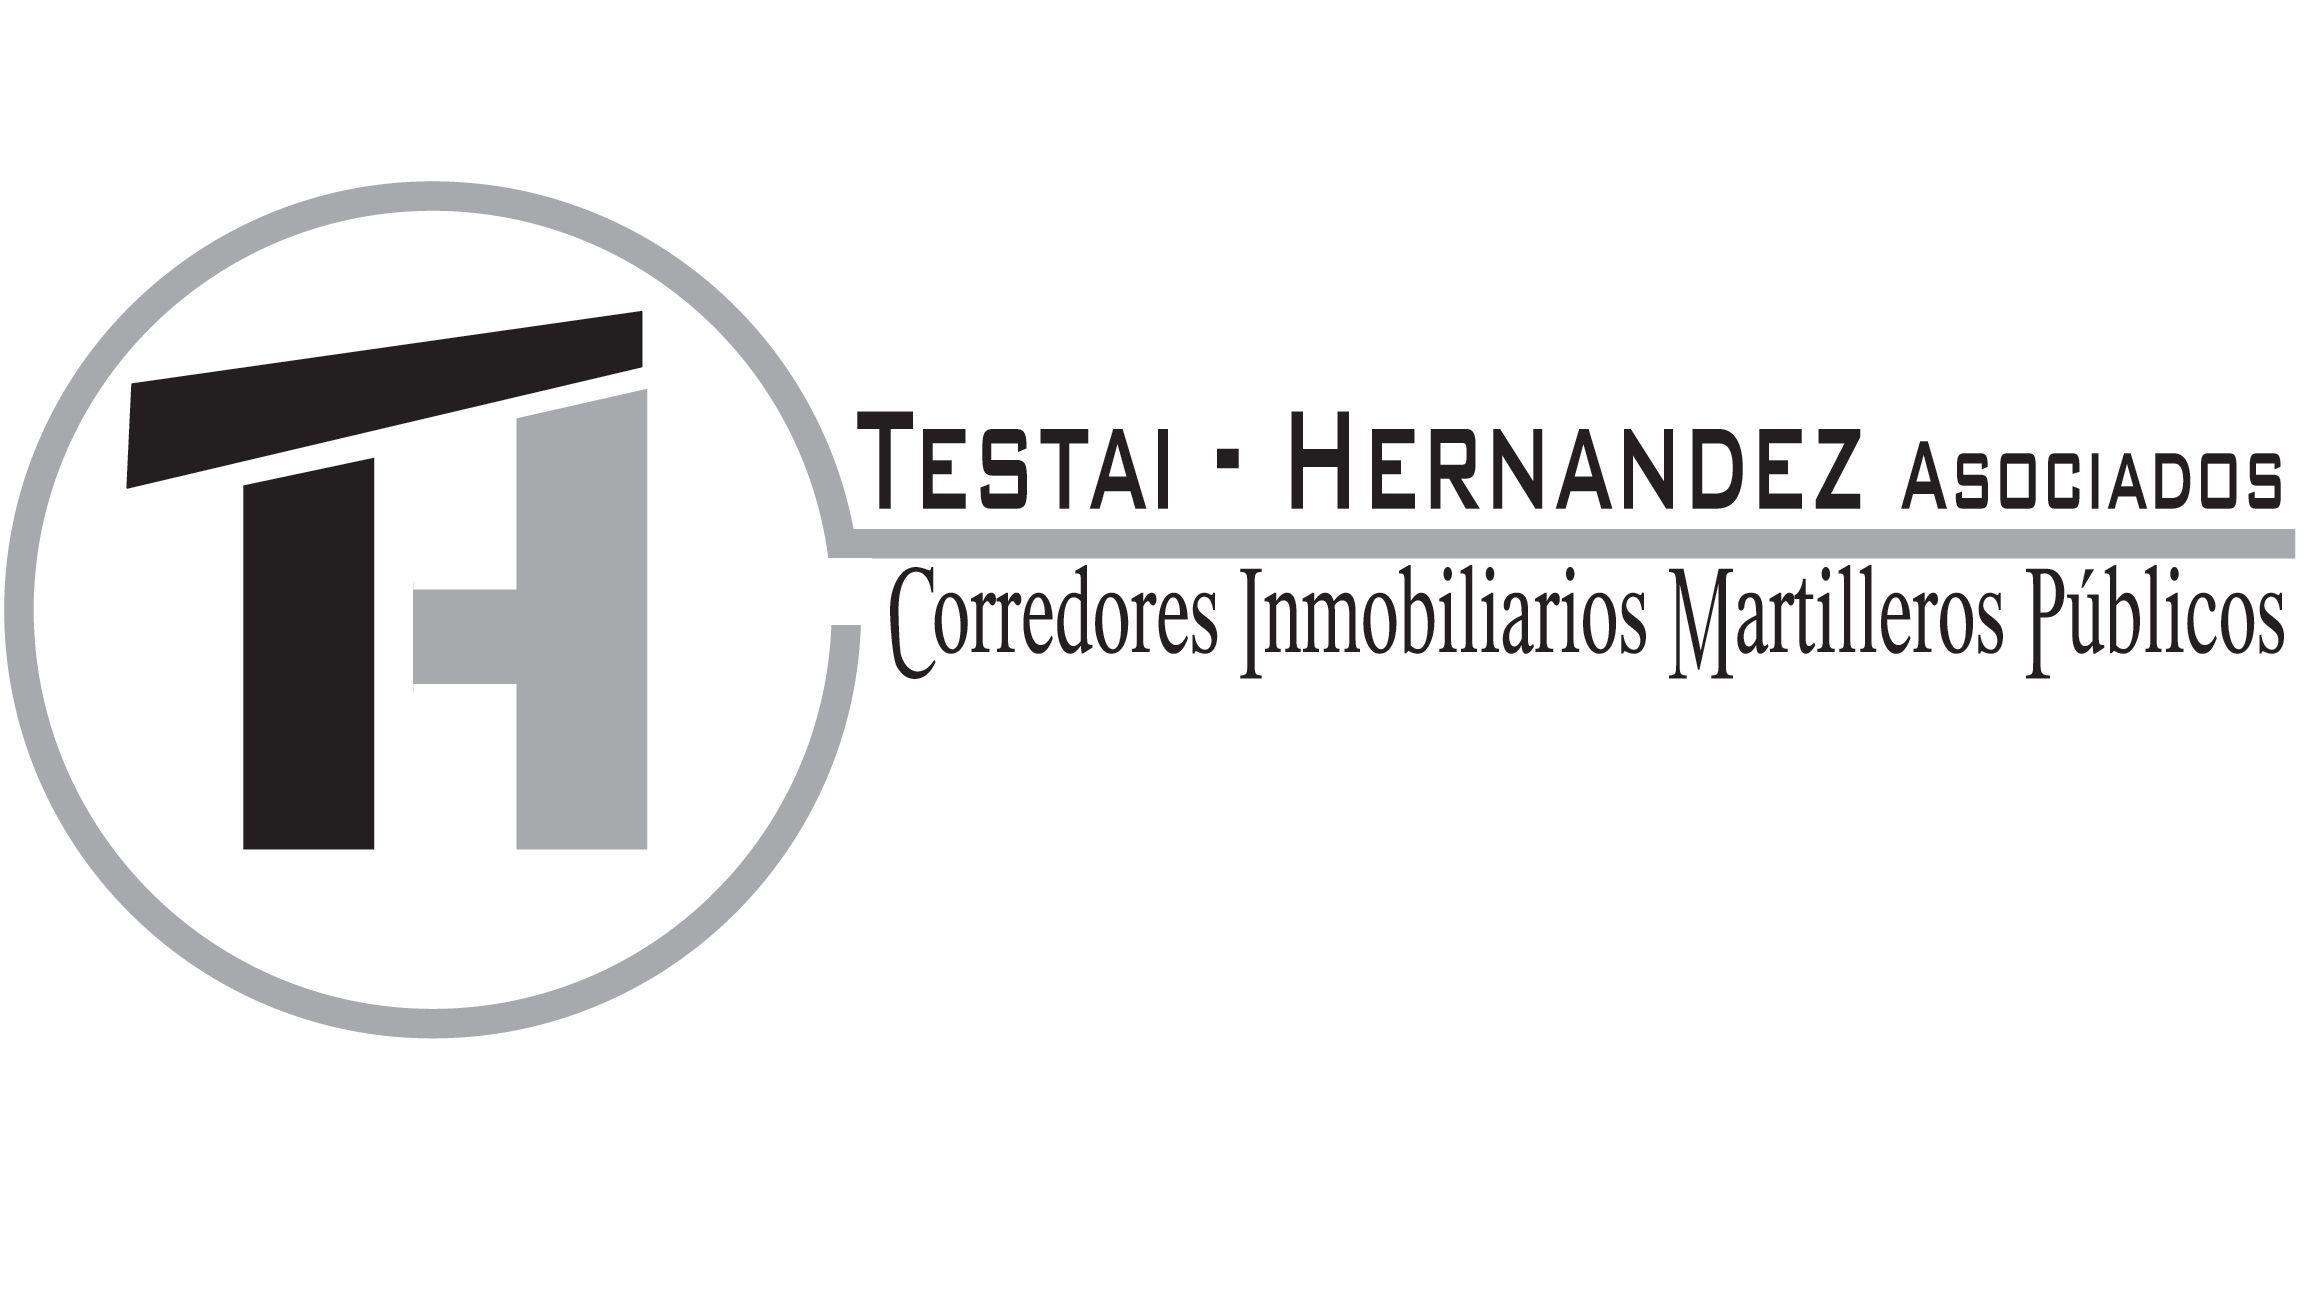 Logo de  Testai Hernandez Asociados